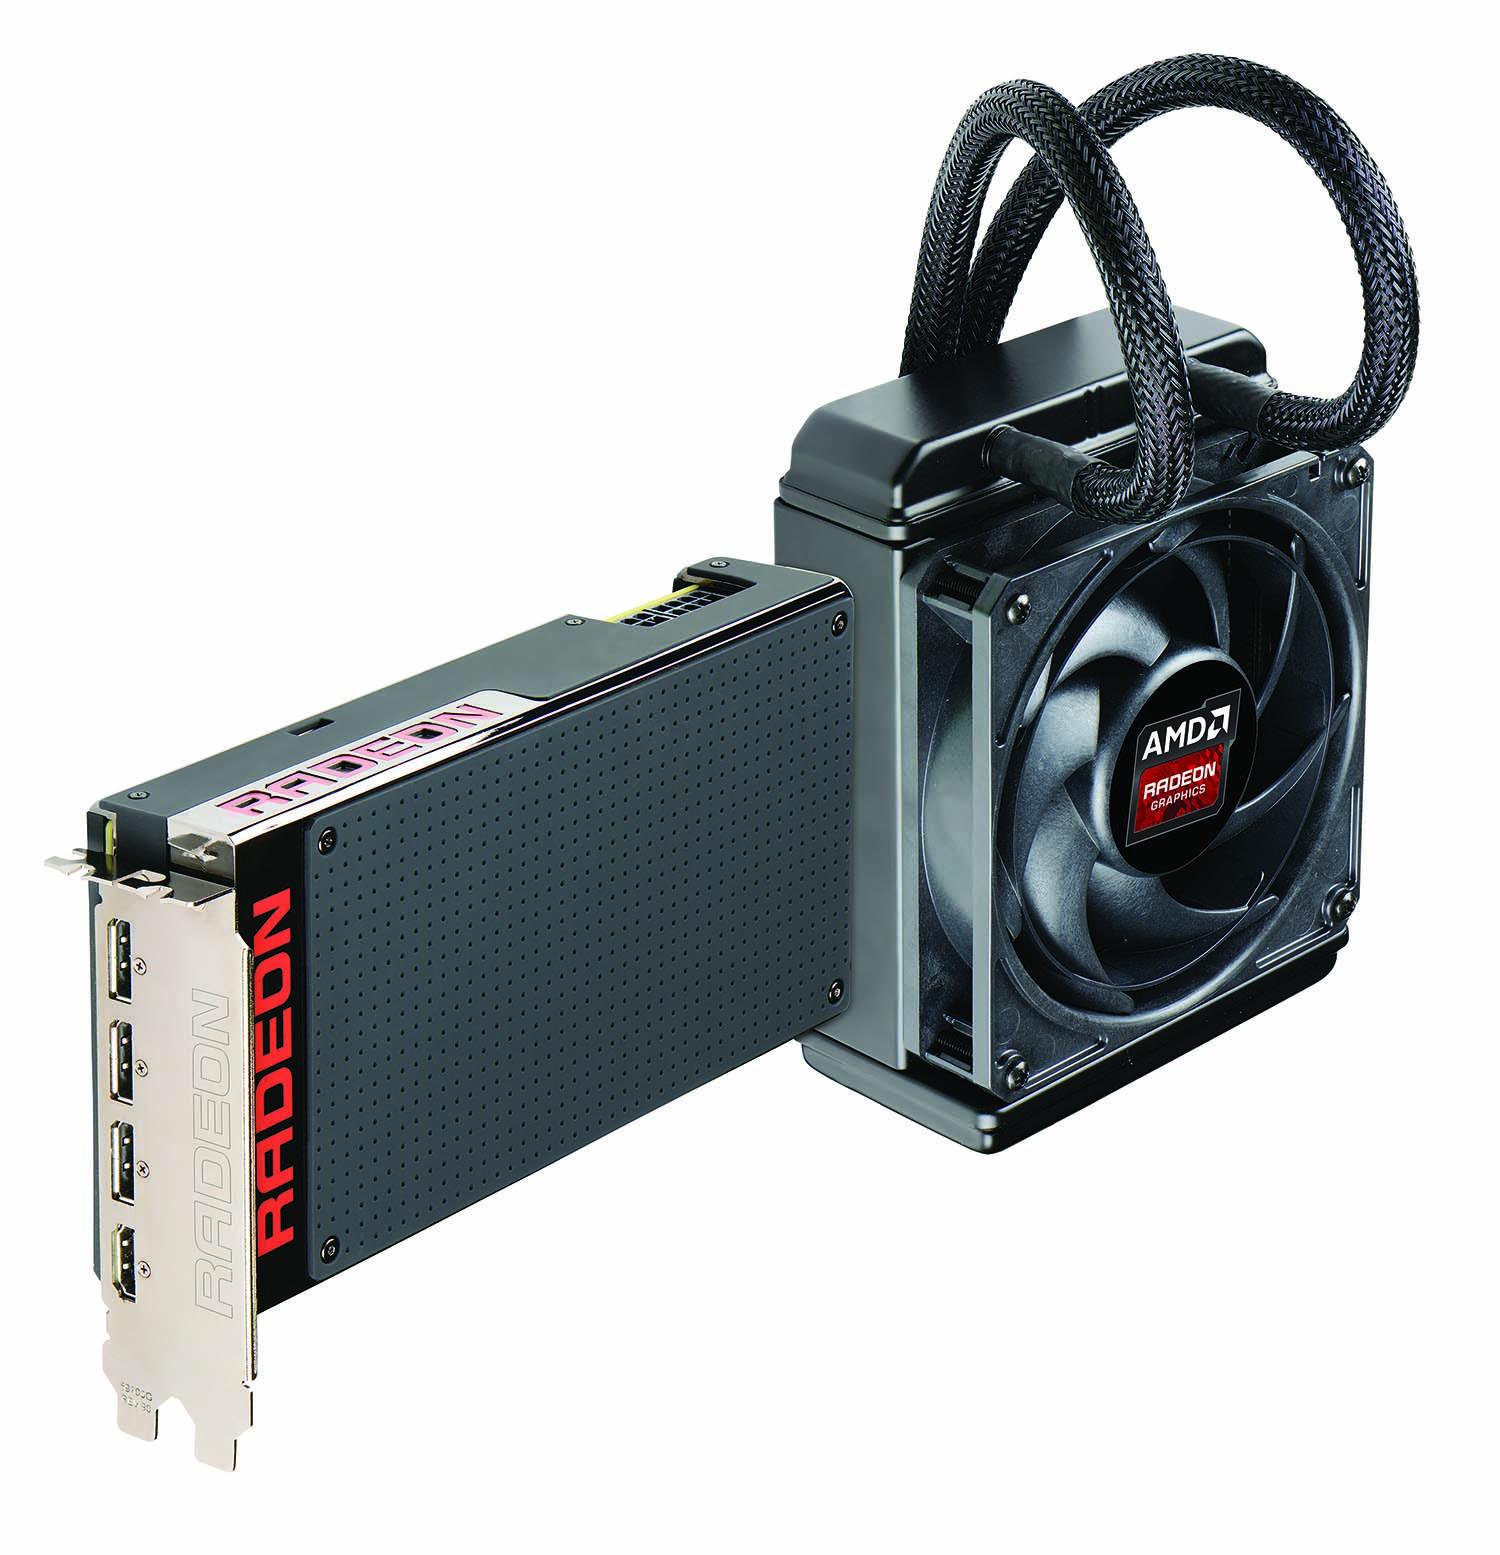 AMD Radeon R9 Fury X test